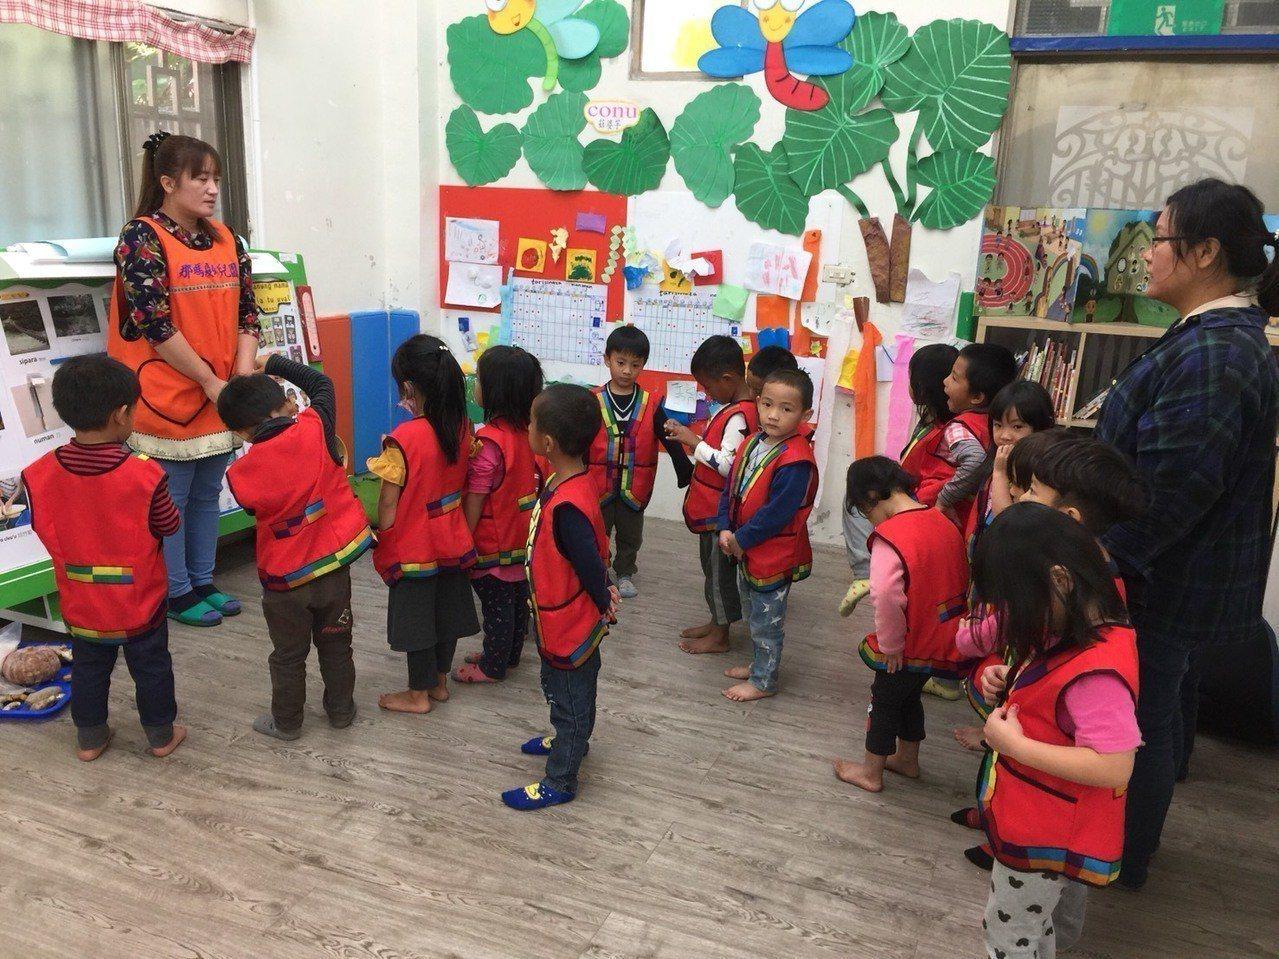 沈浸式族語教學幼兒園的教學現場,圖為高雄市立那瑪夏幼兒園。圖/原民會提供